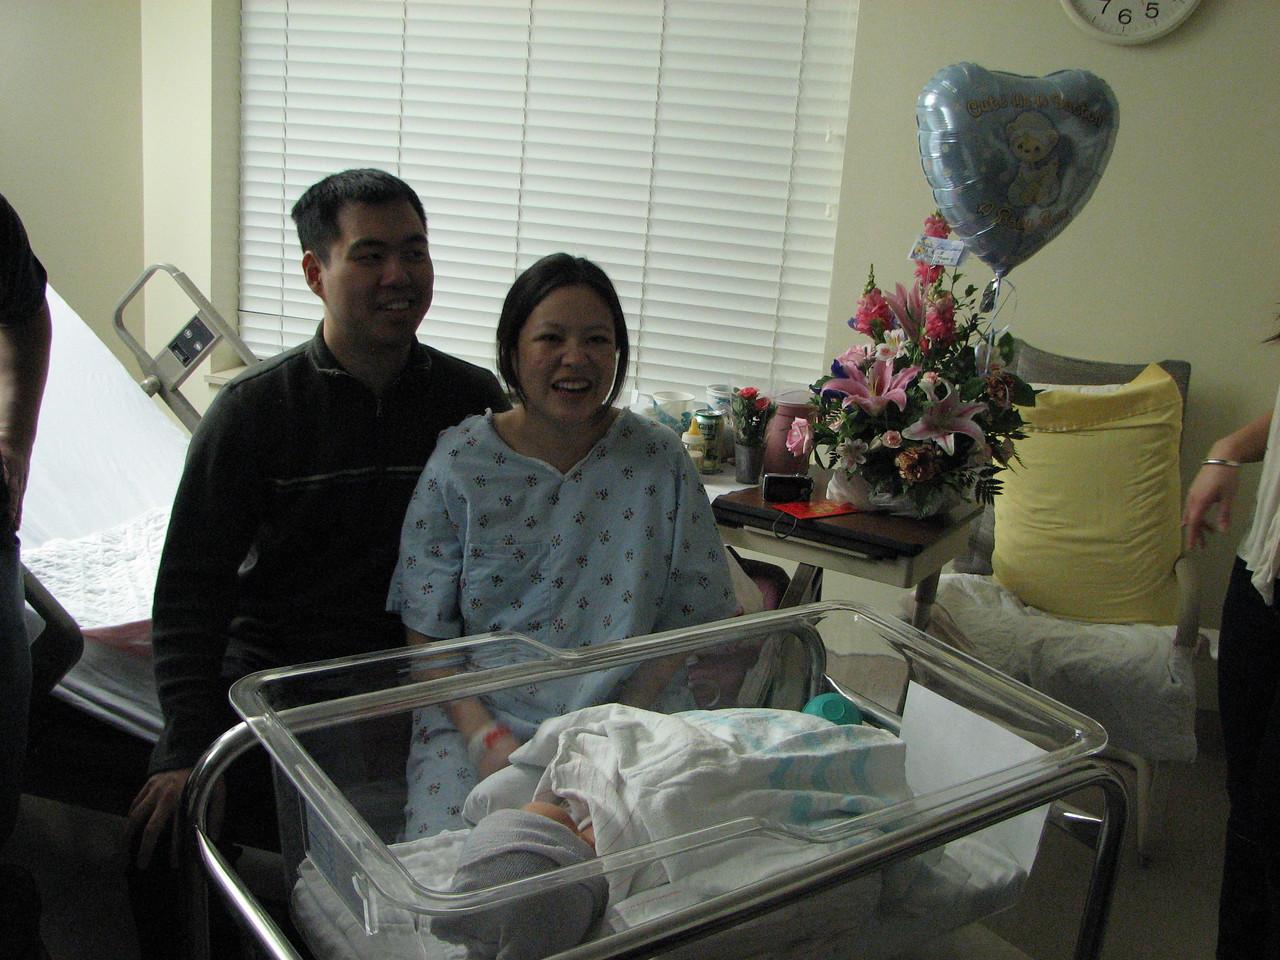 2007 03 23 Fri - Harry, Cathy, & Joshua Huang 2